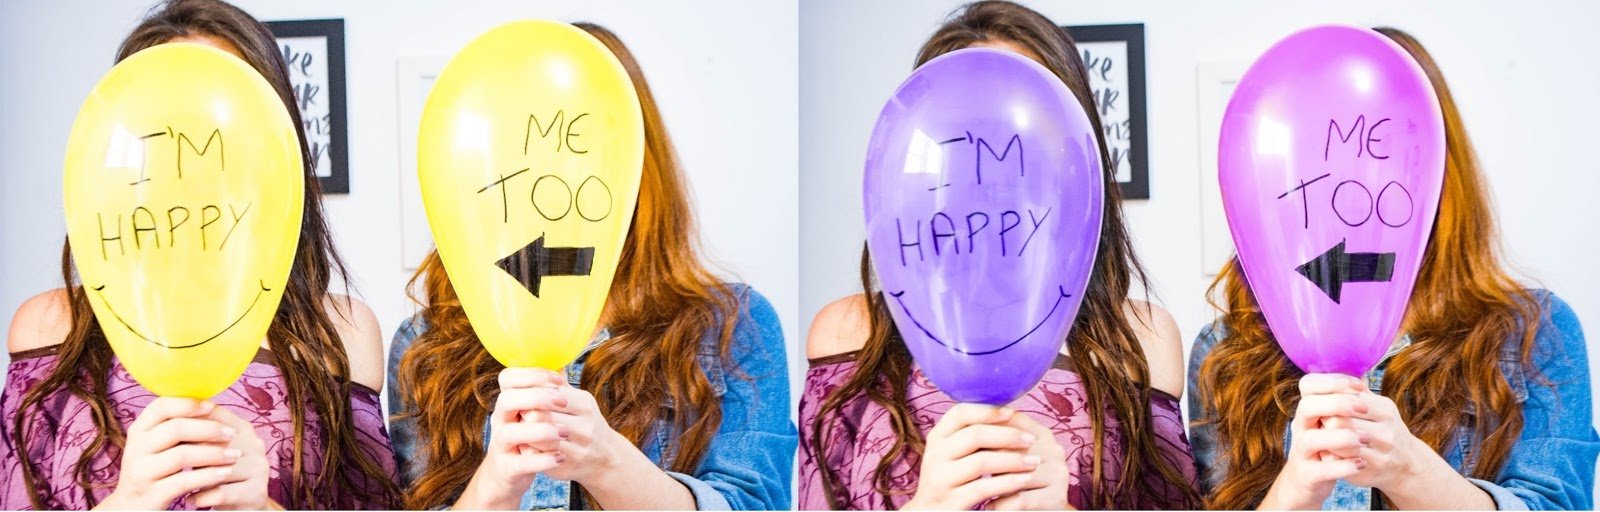 Como mudar a cor de objetos em Fotos usando app Picsart  no Celular